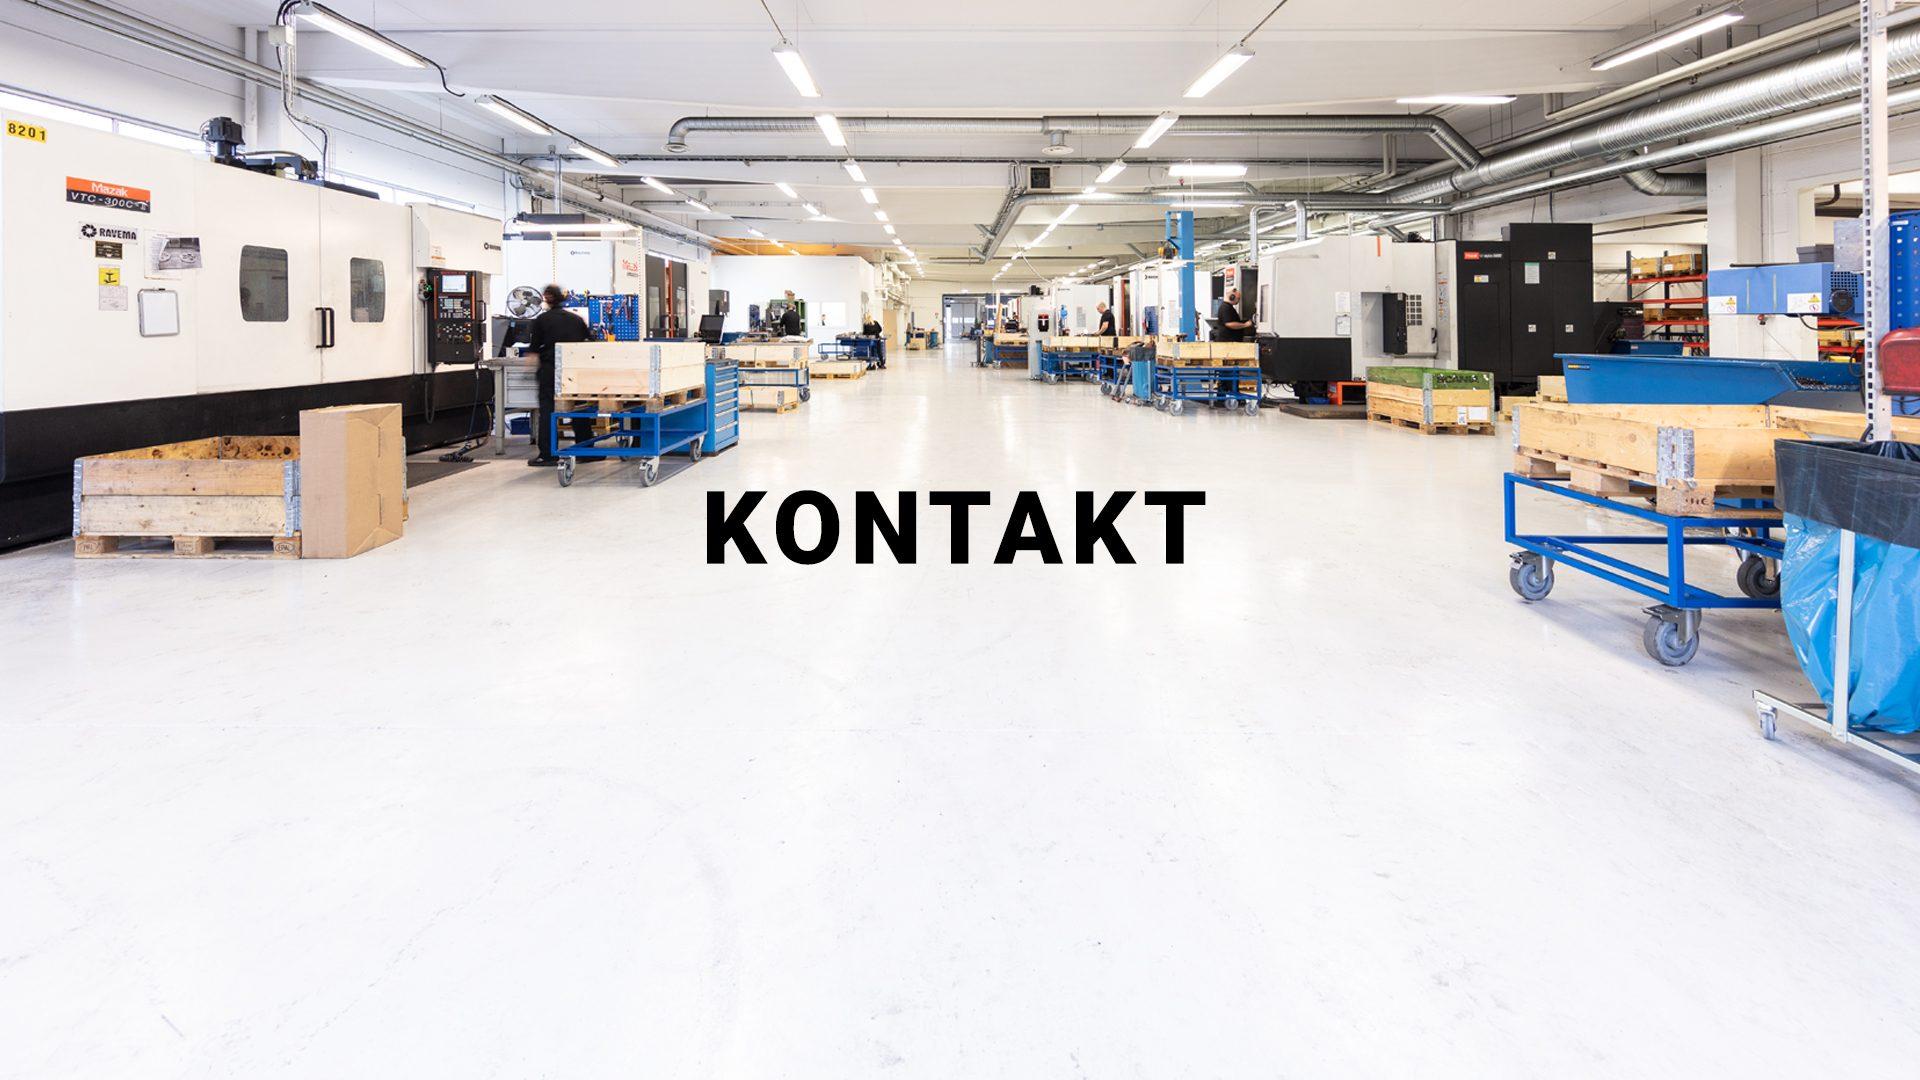 kontakt_start_ny